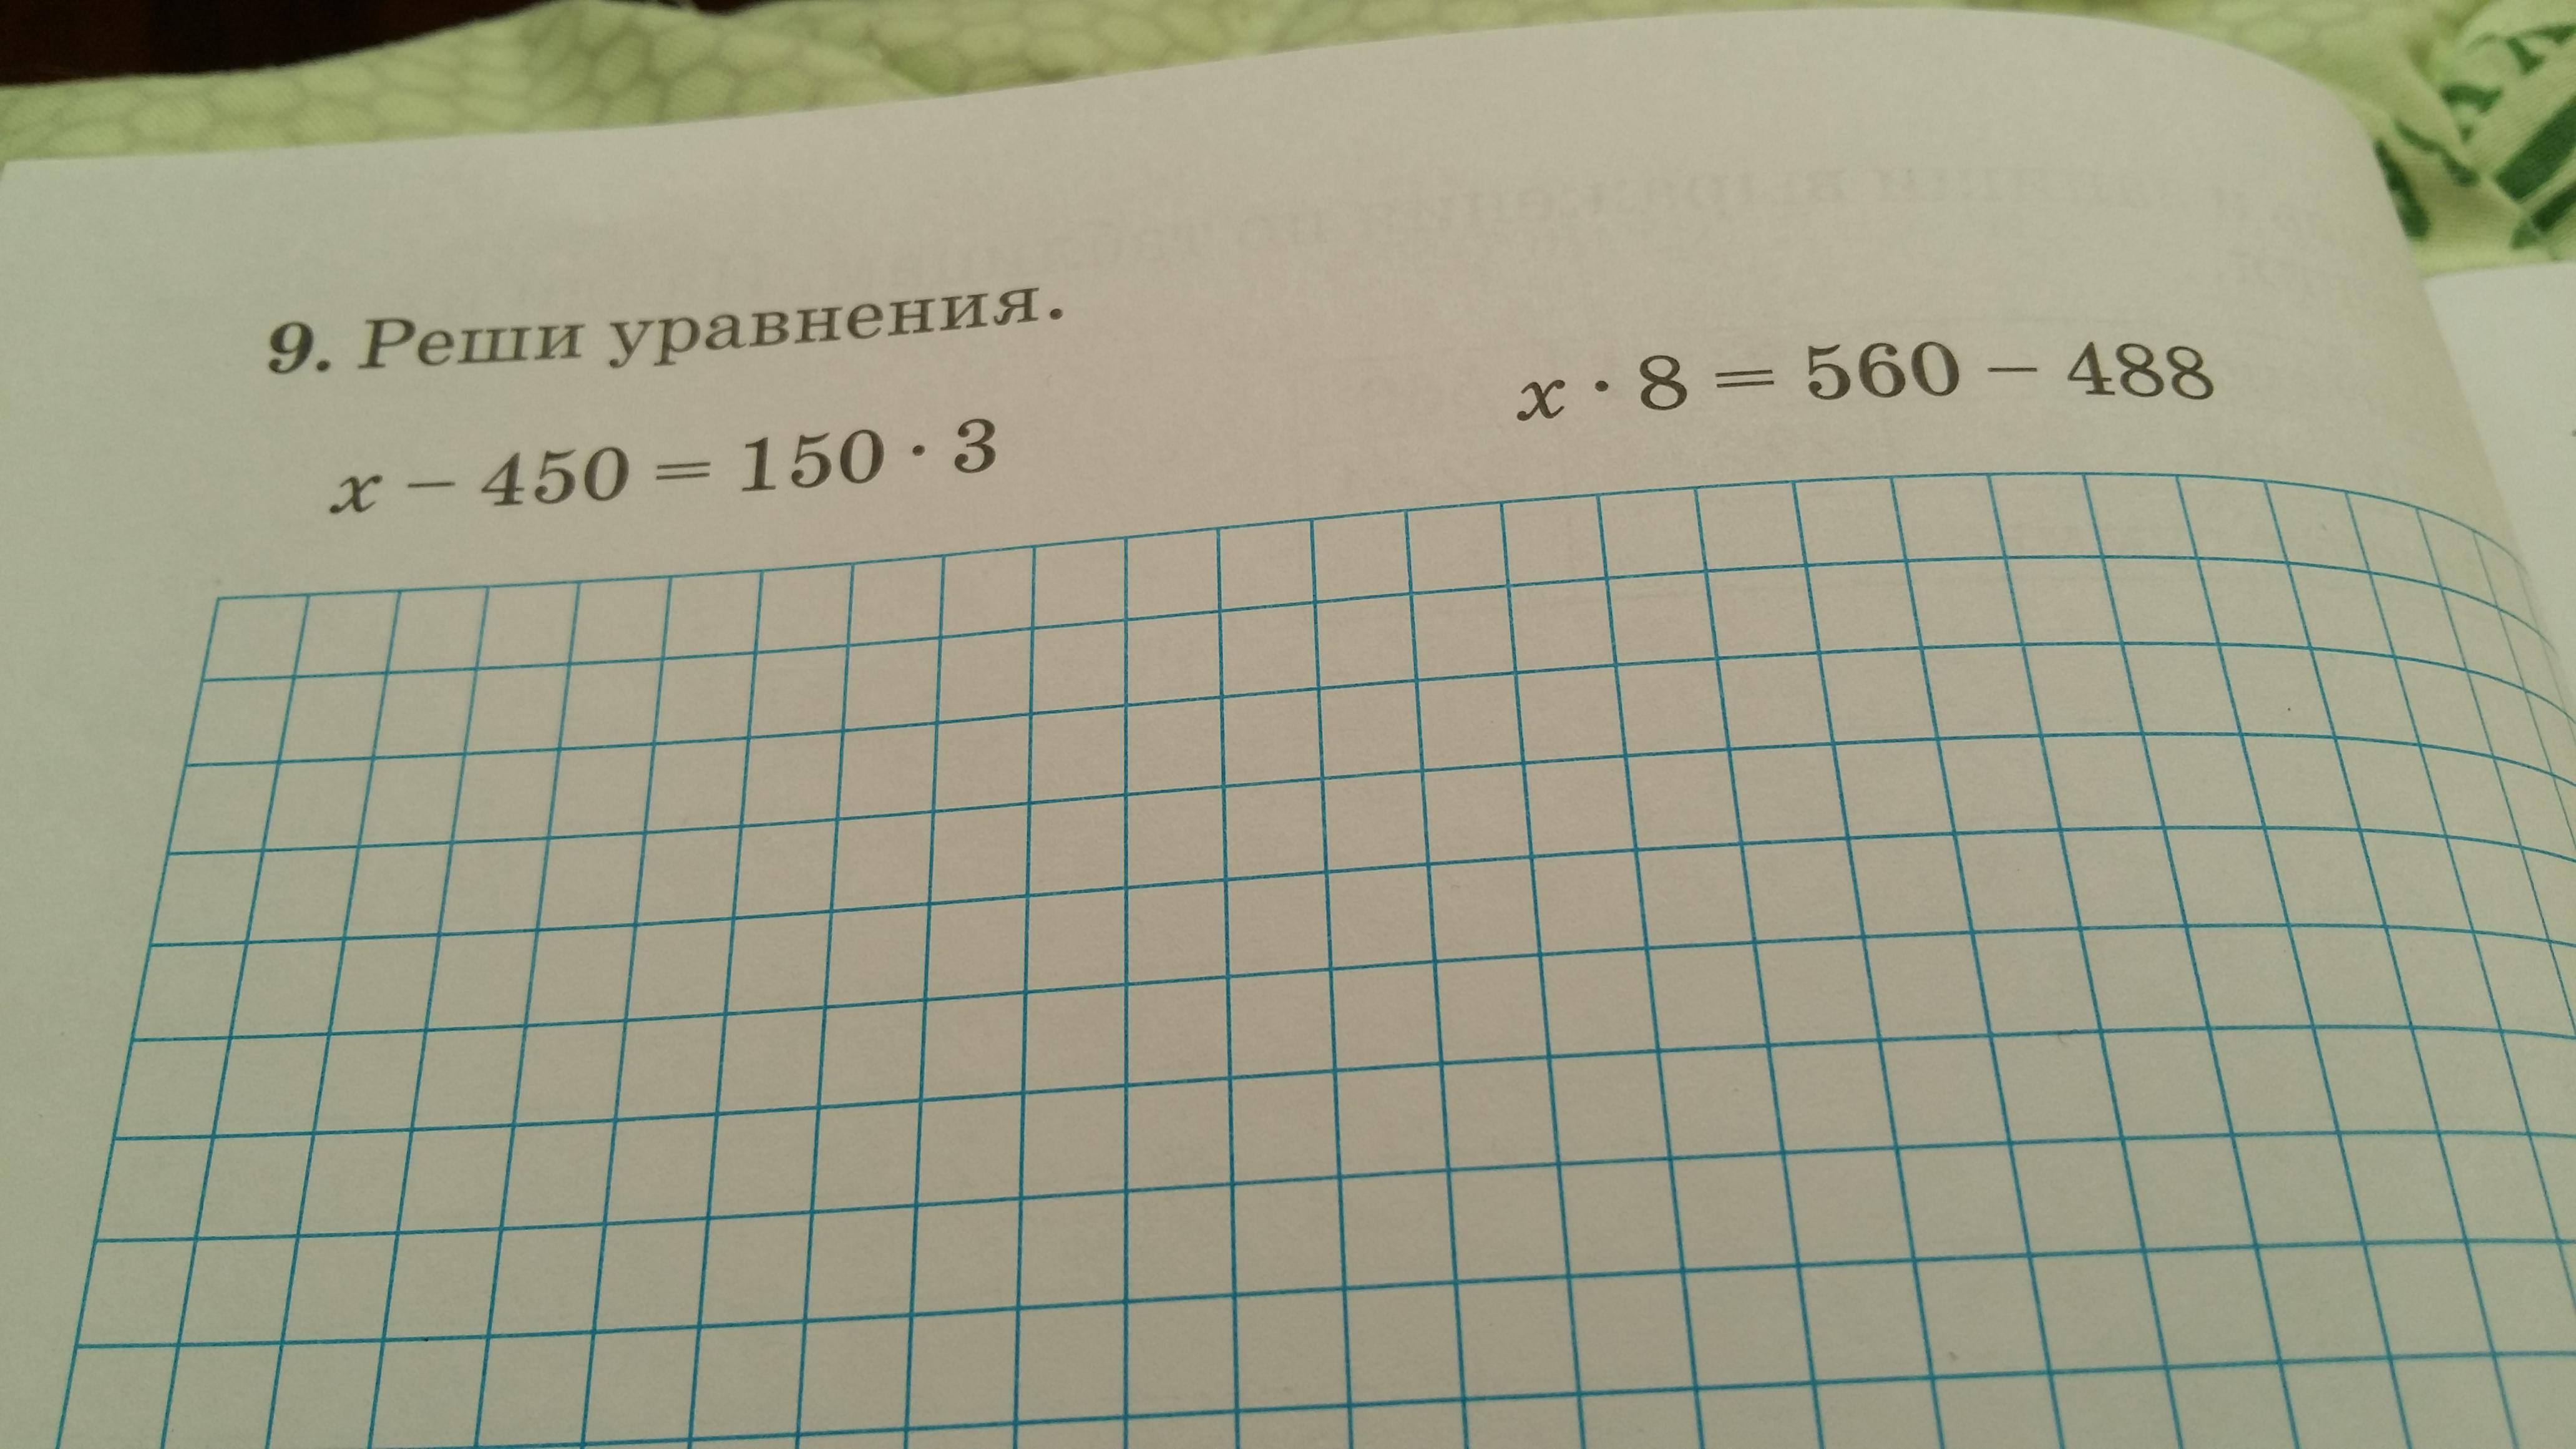 Помогите решить уравнения